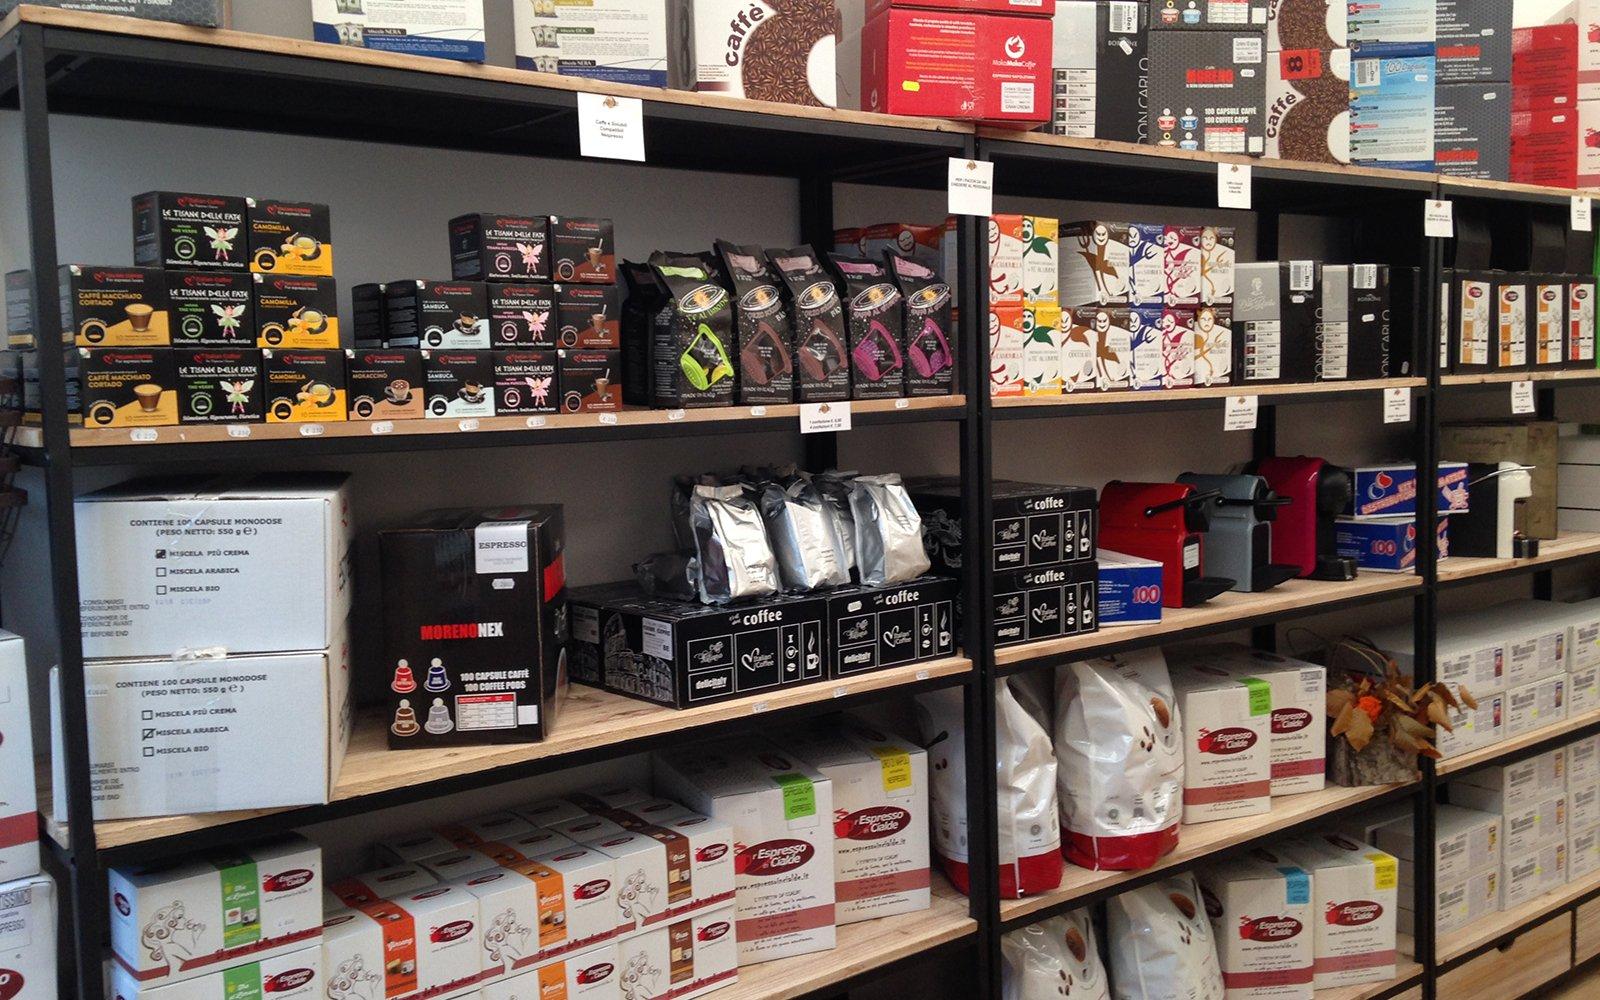 prodotti per caffè in esposizione